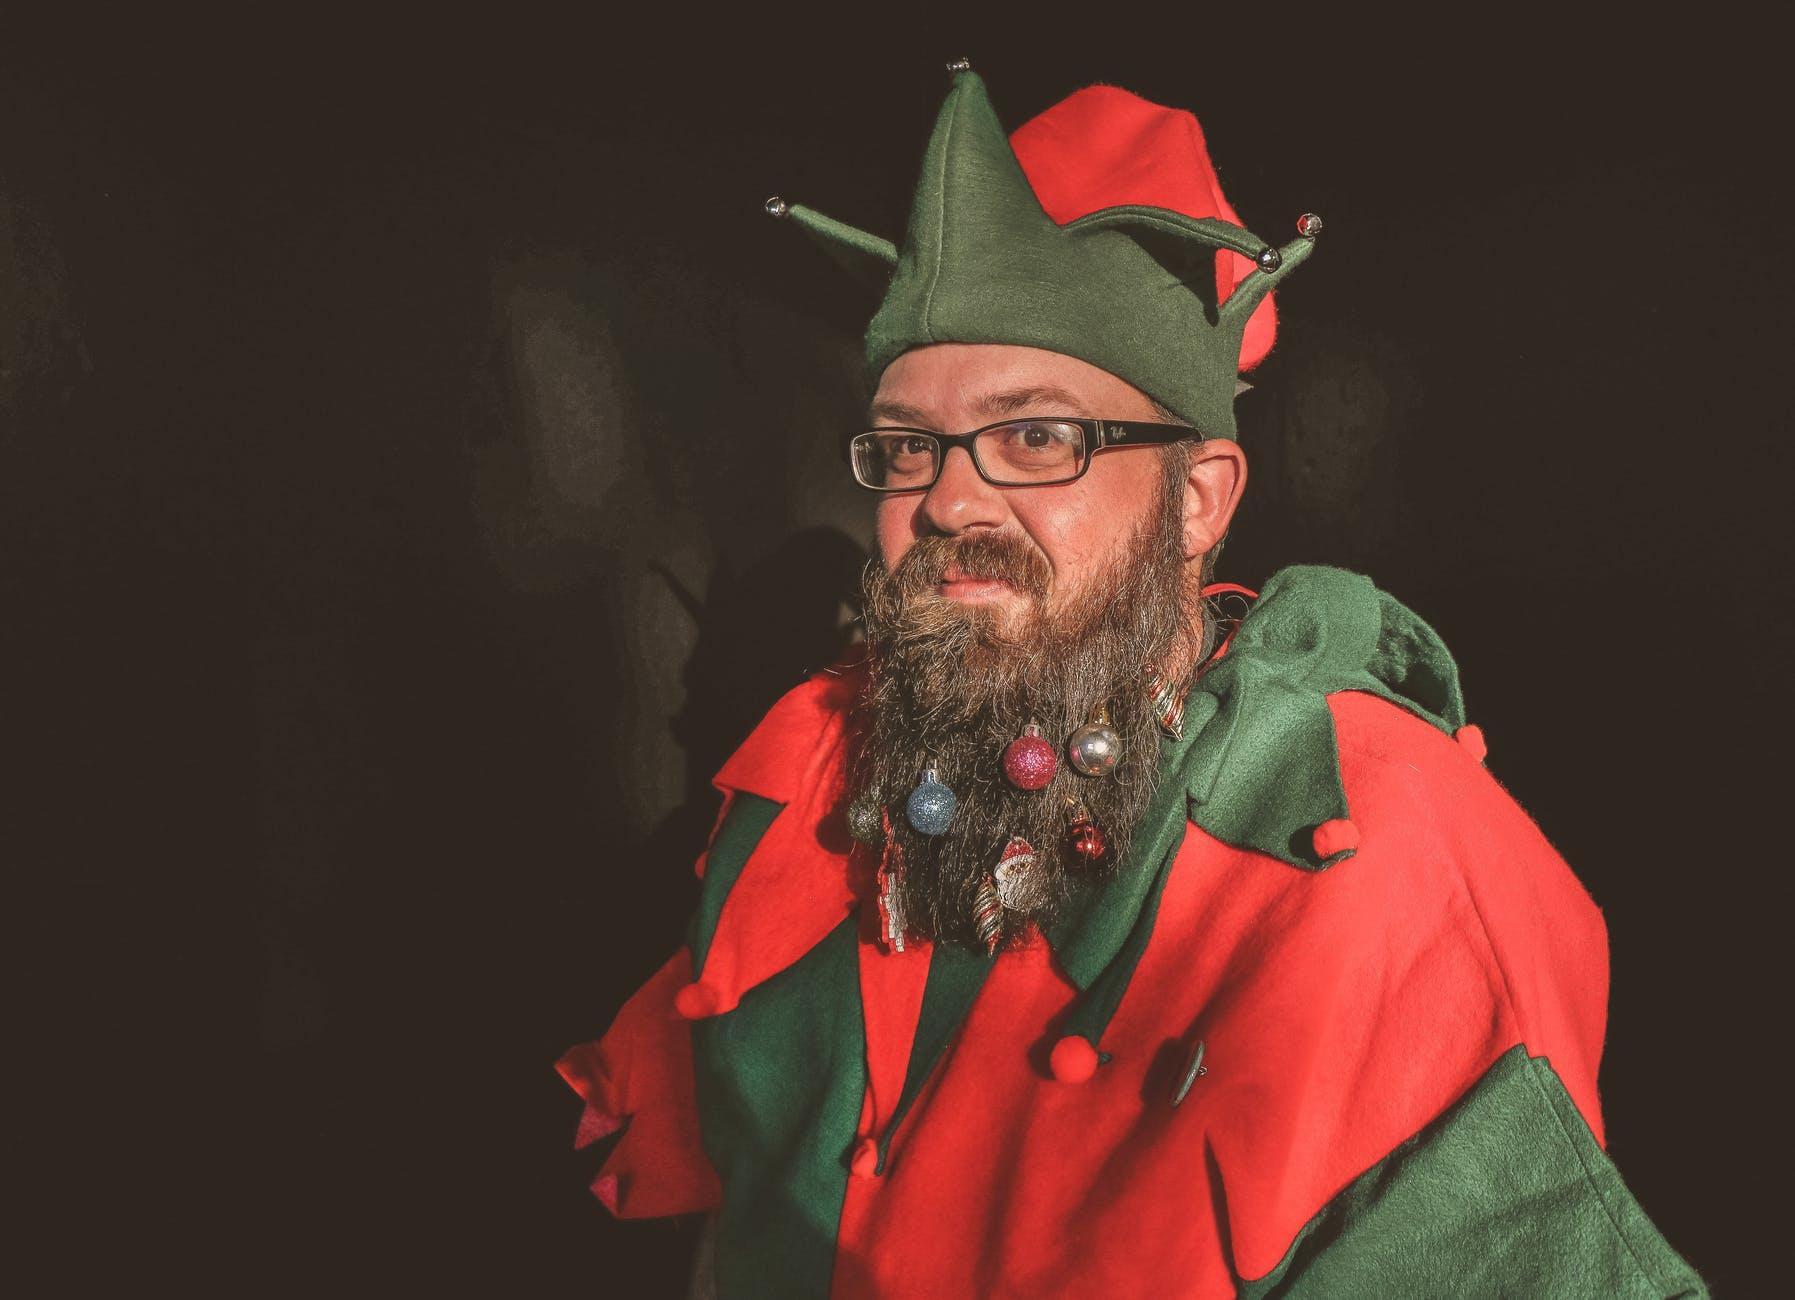 capelli a Natale: idee stravaganti e inaspettate per i ...